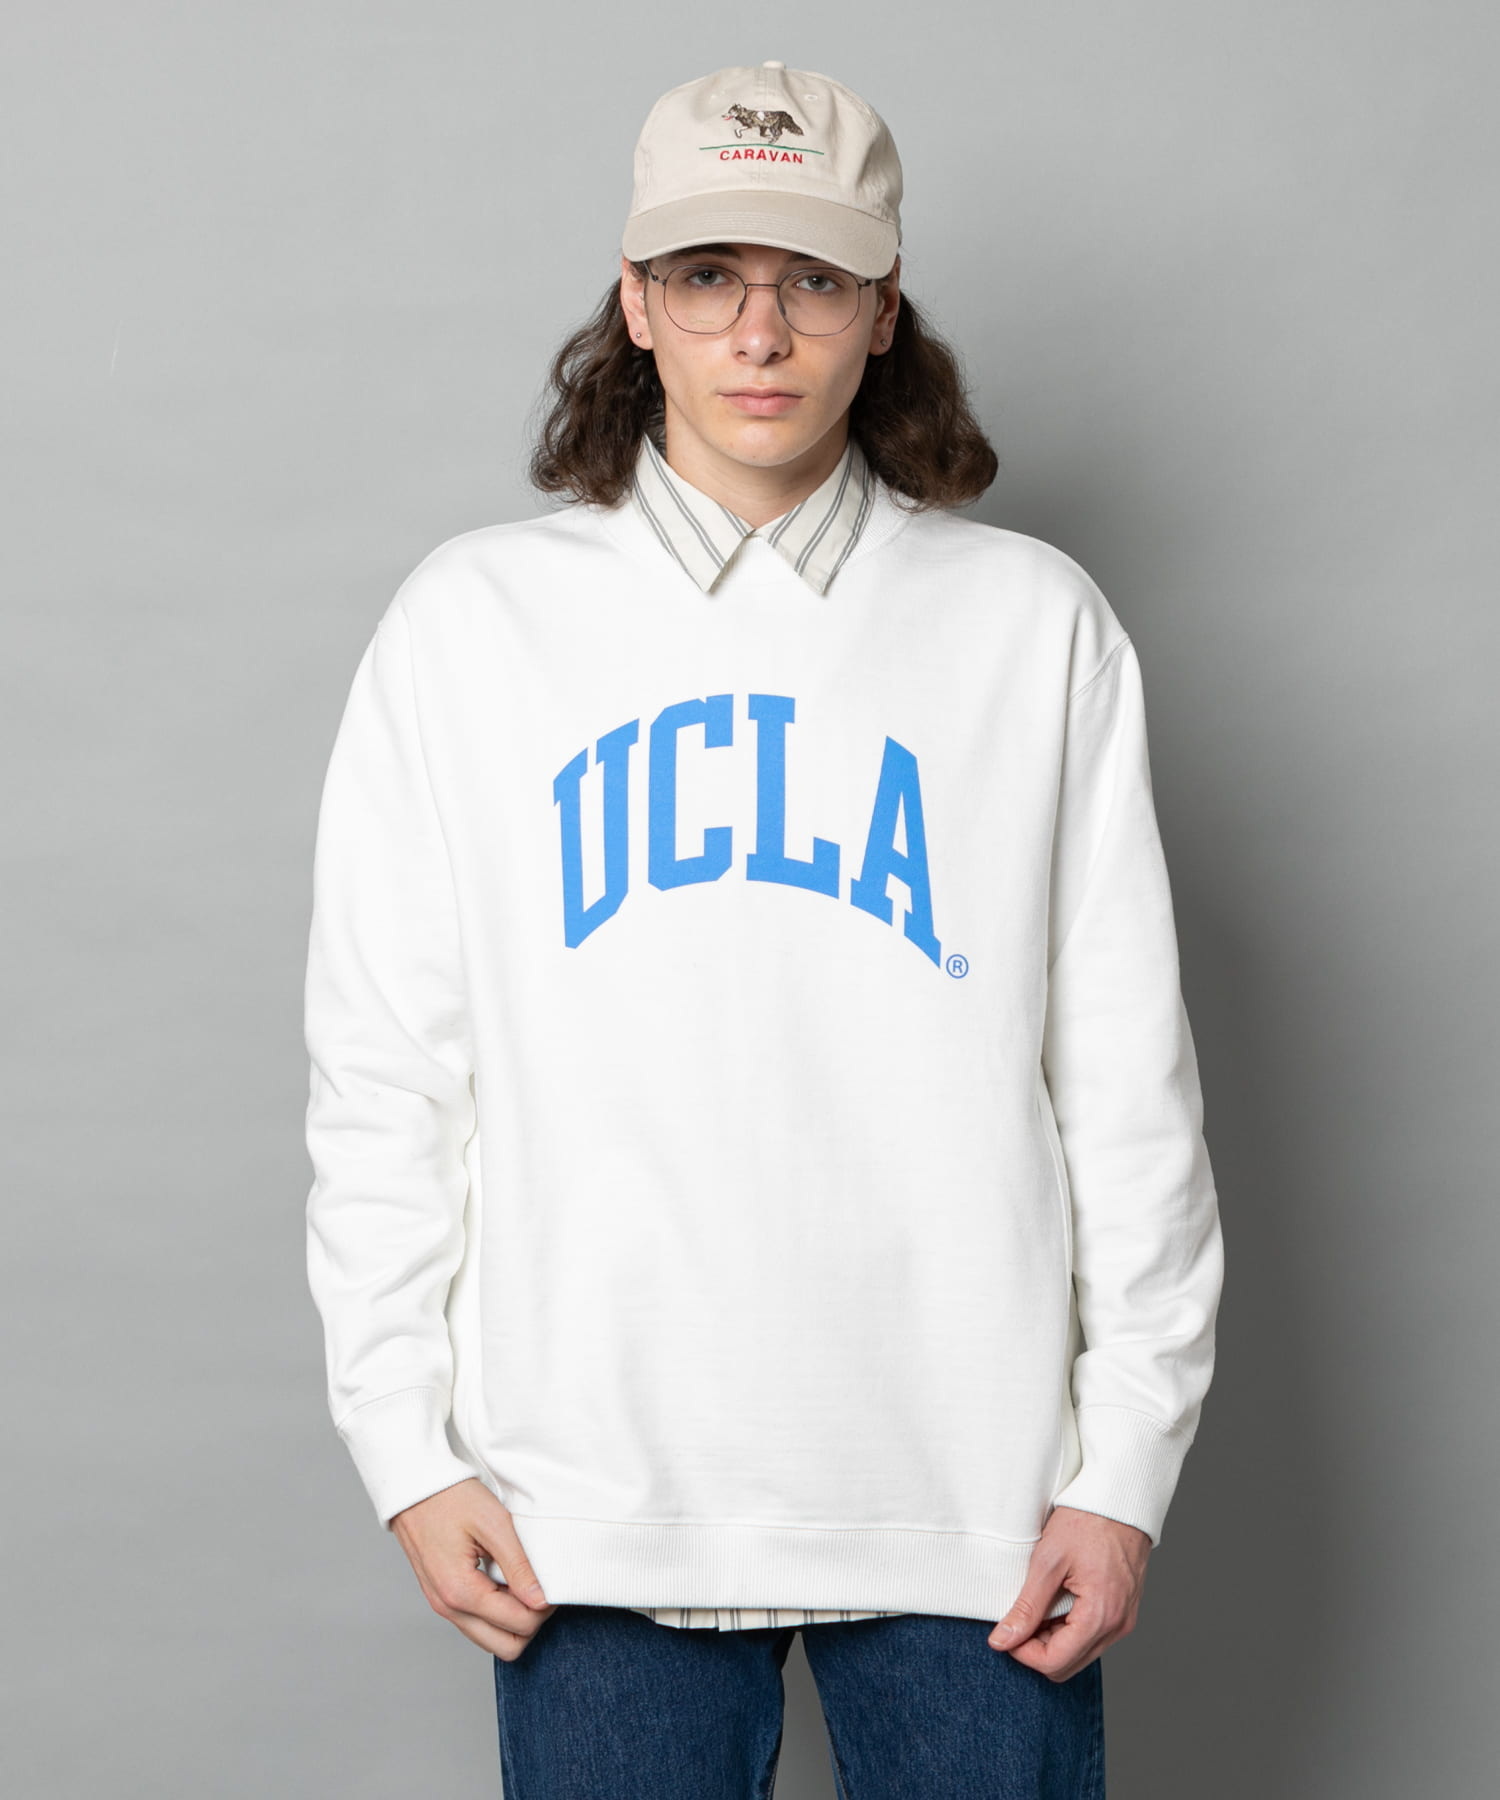 CIAOPANIC(チャオパニック) UCLA アイビーカレッジロゴクルーネックスウェット